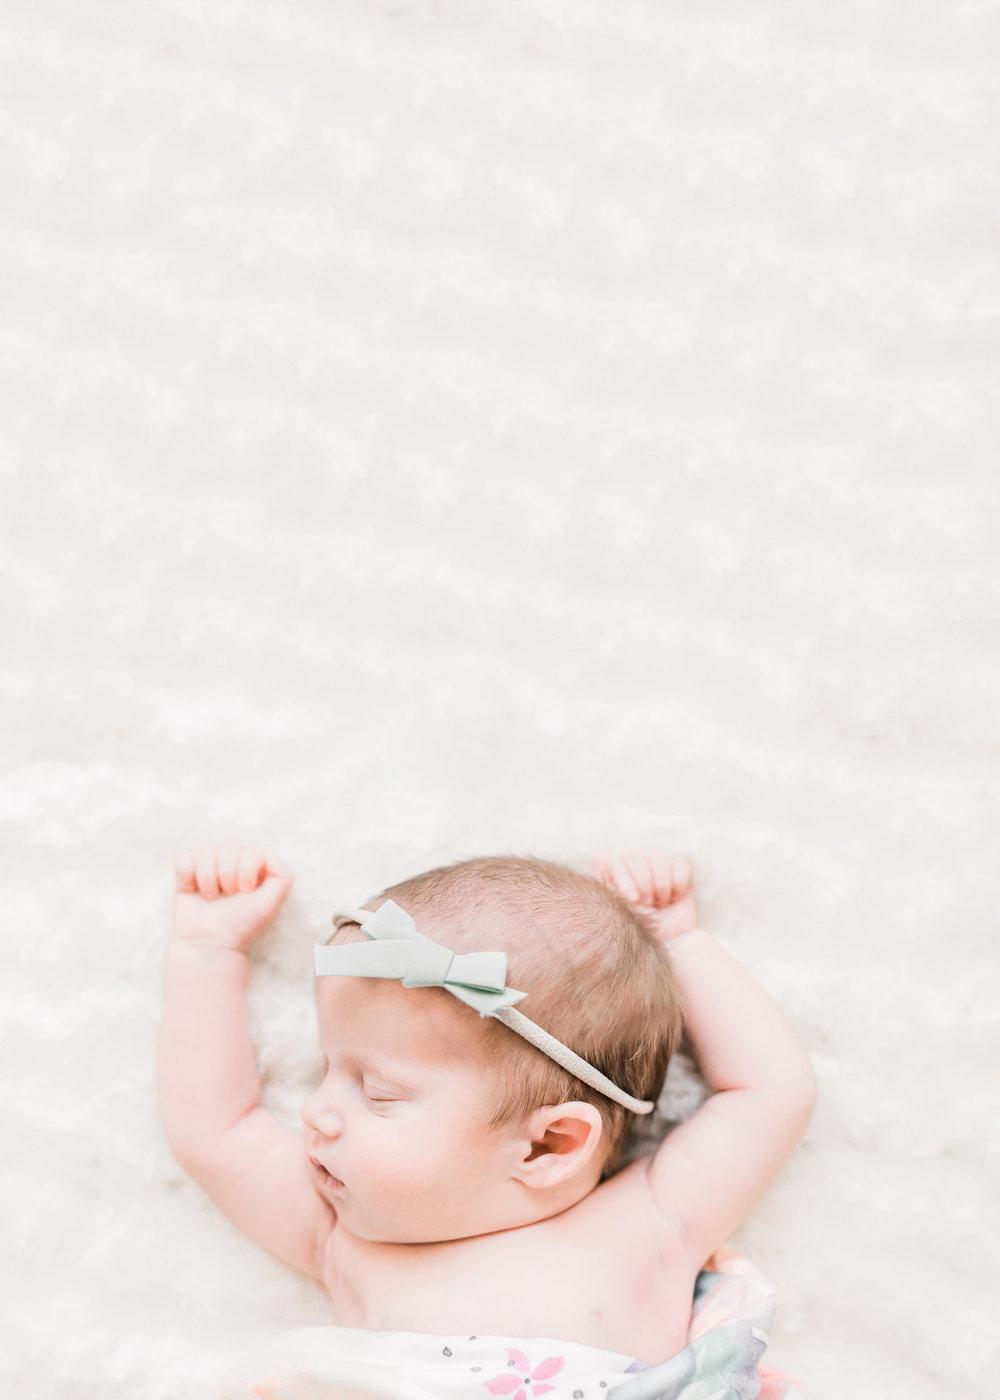 RachaelLaynePhotography_SCfamilyphotographer09.jpg